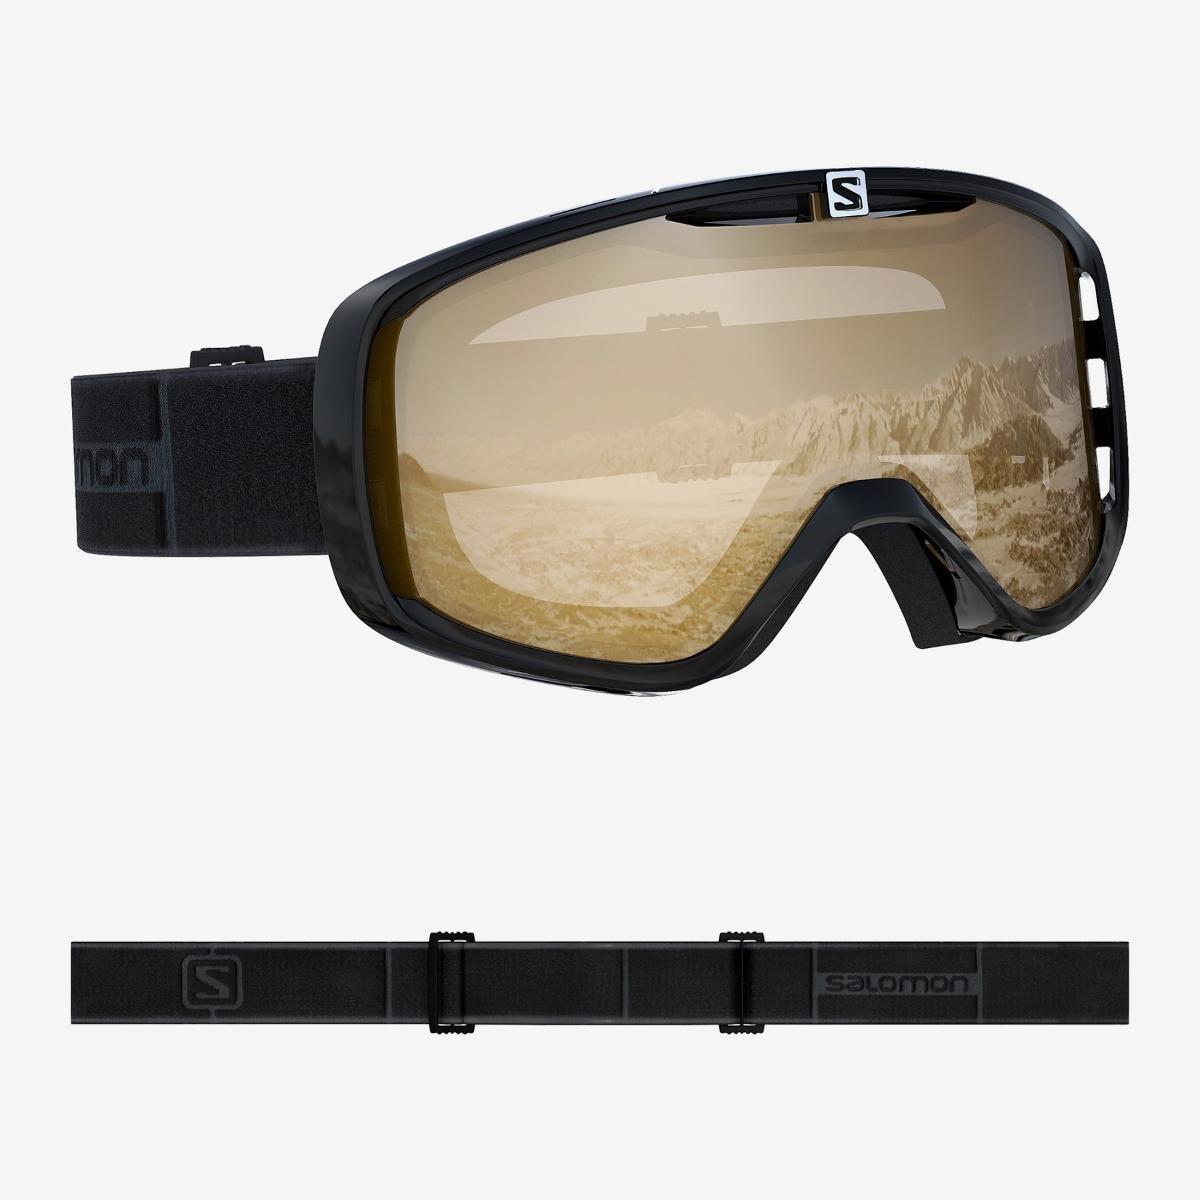 Salomon, Gogle narciarskie, Aksium Access, czarny